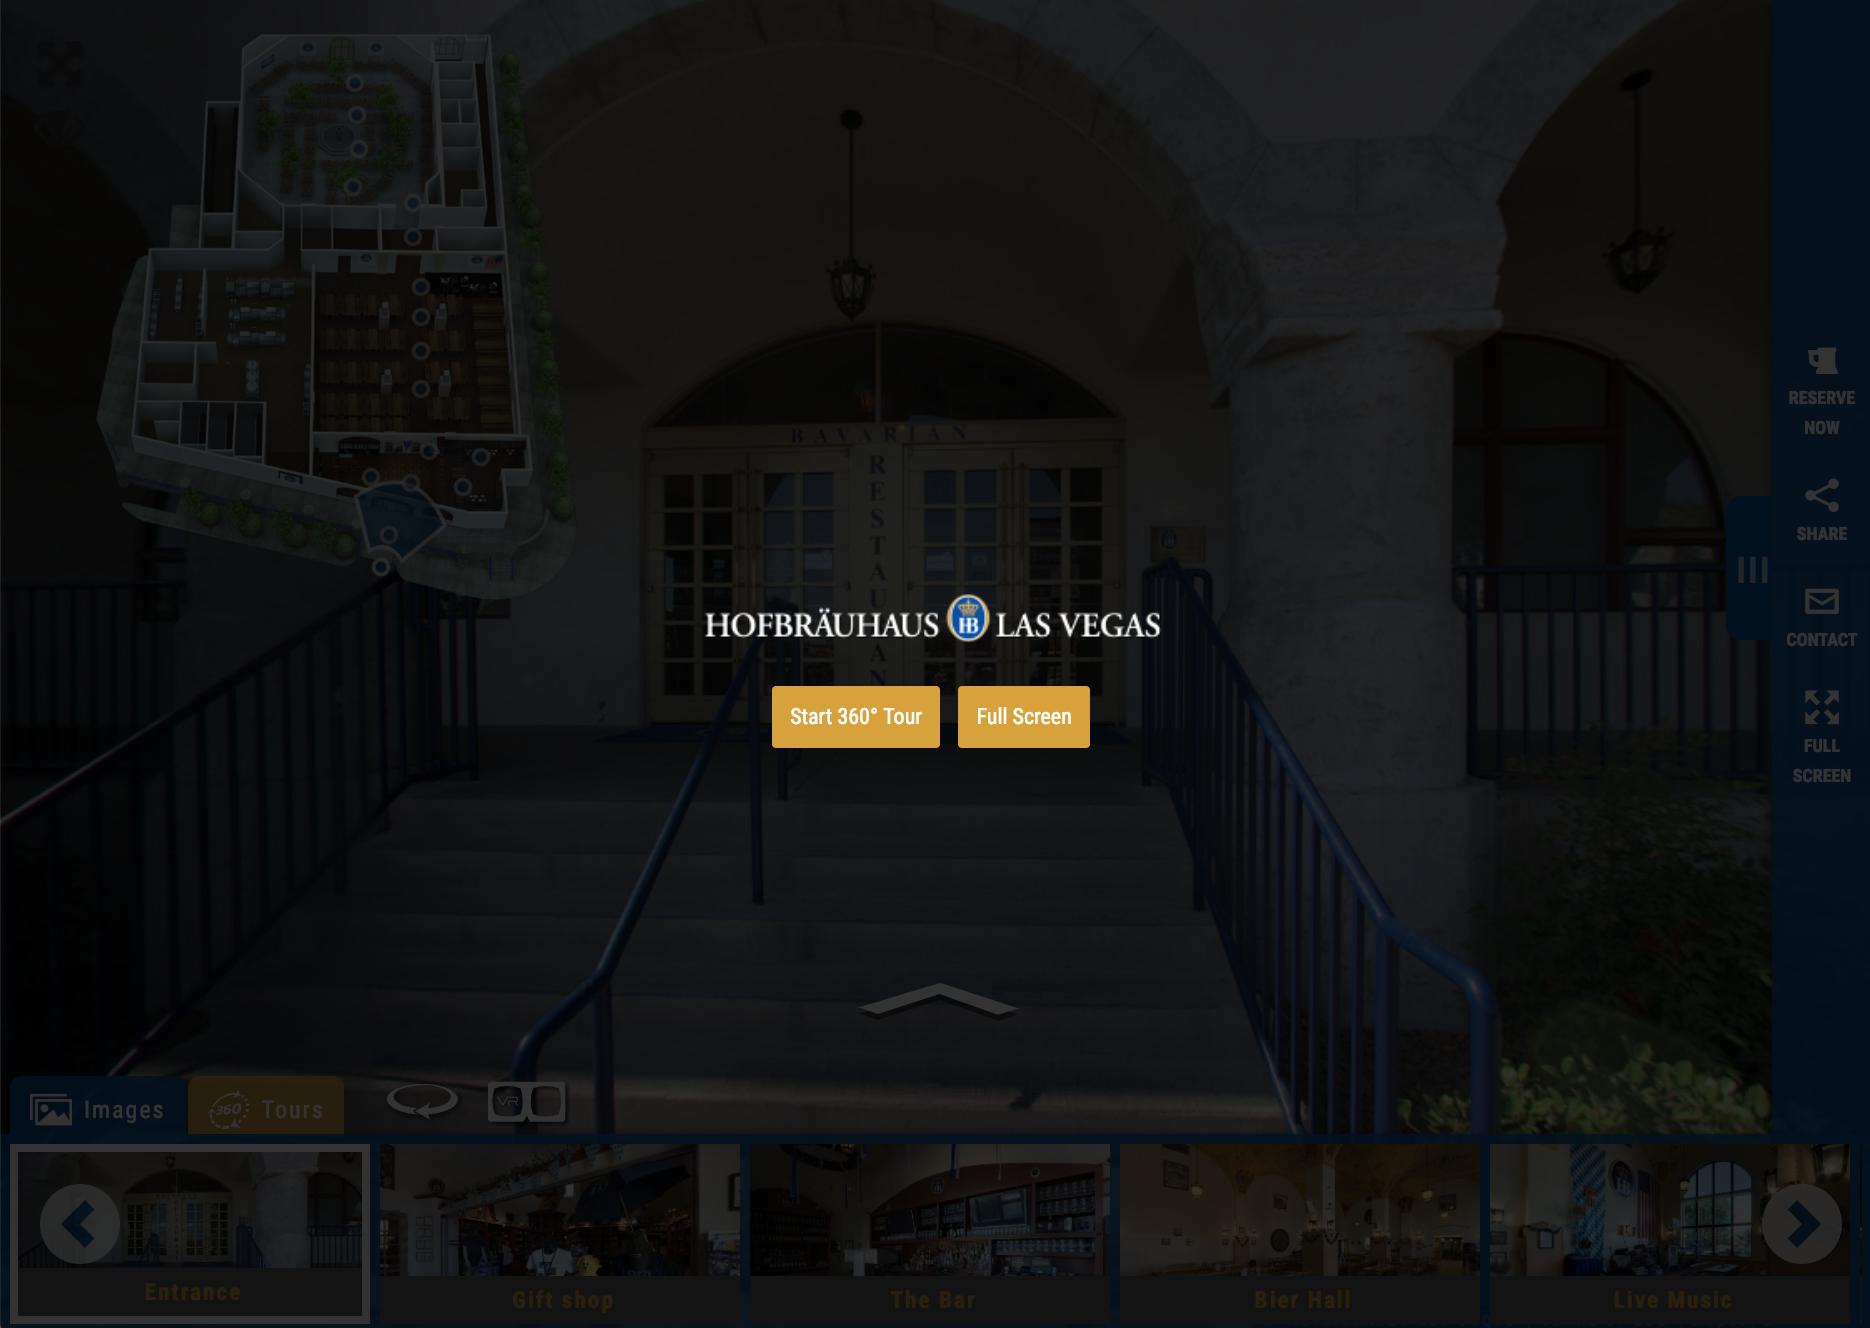 Hofbrauhaus Las Vegas.png